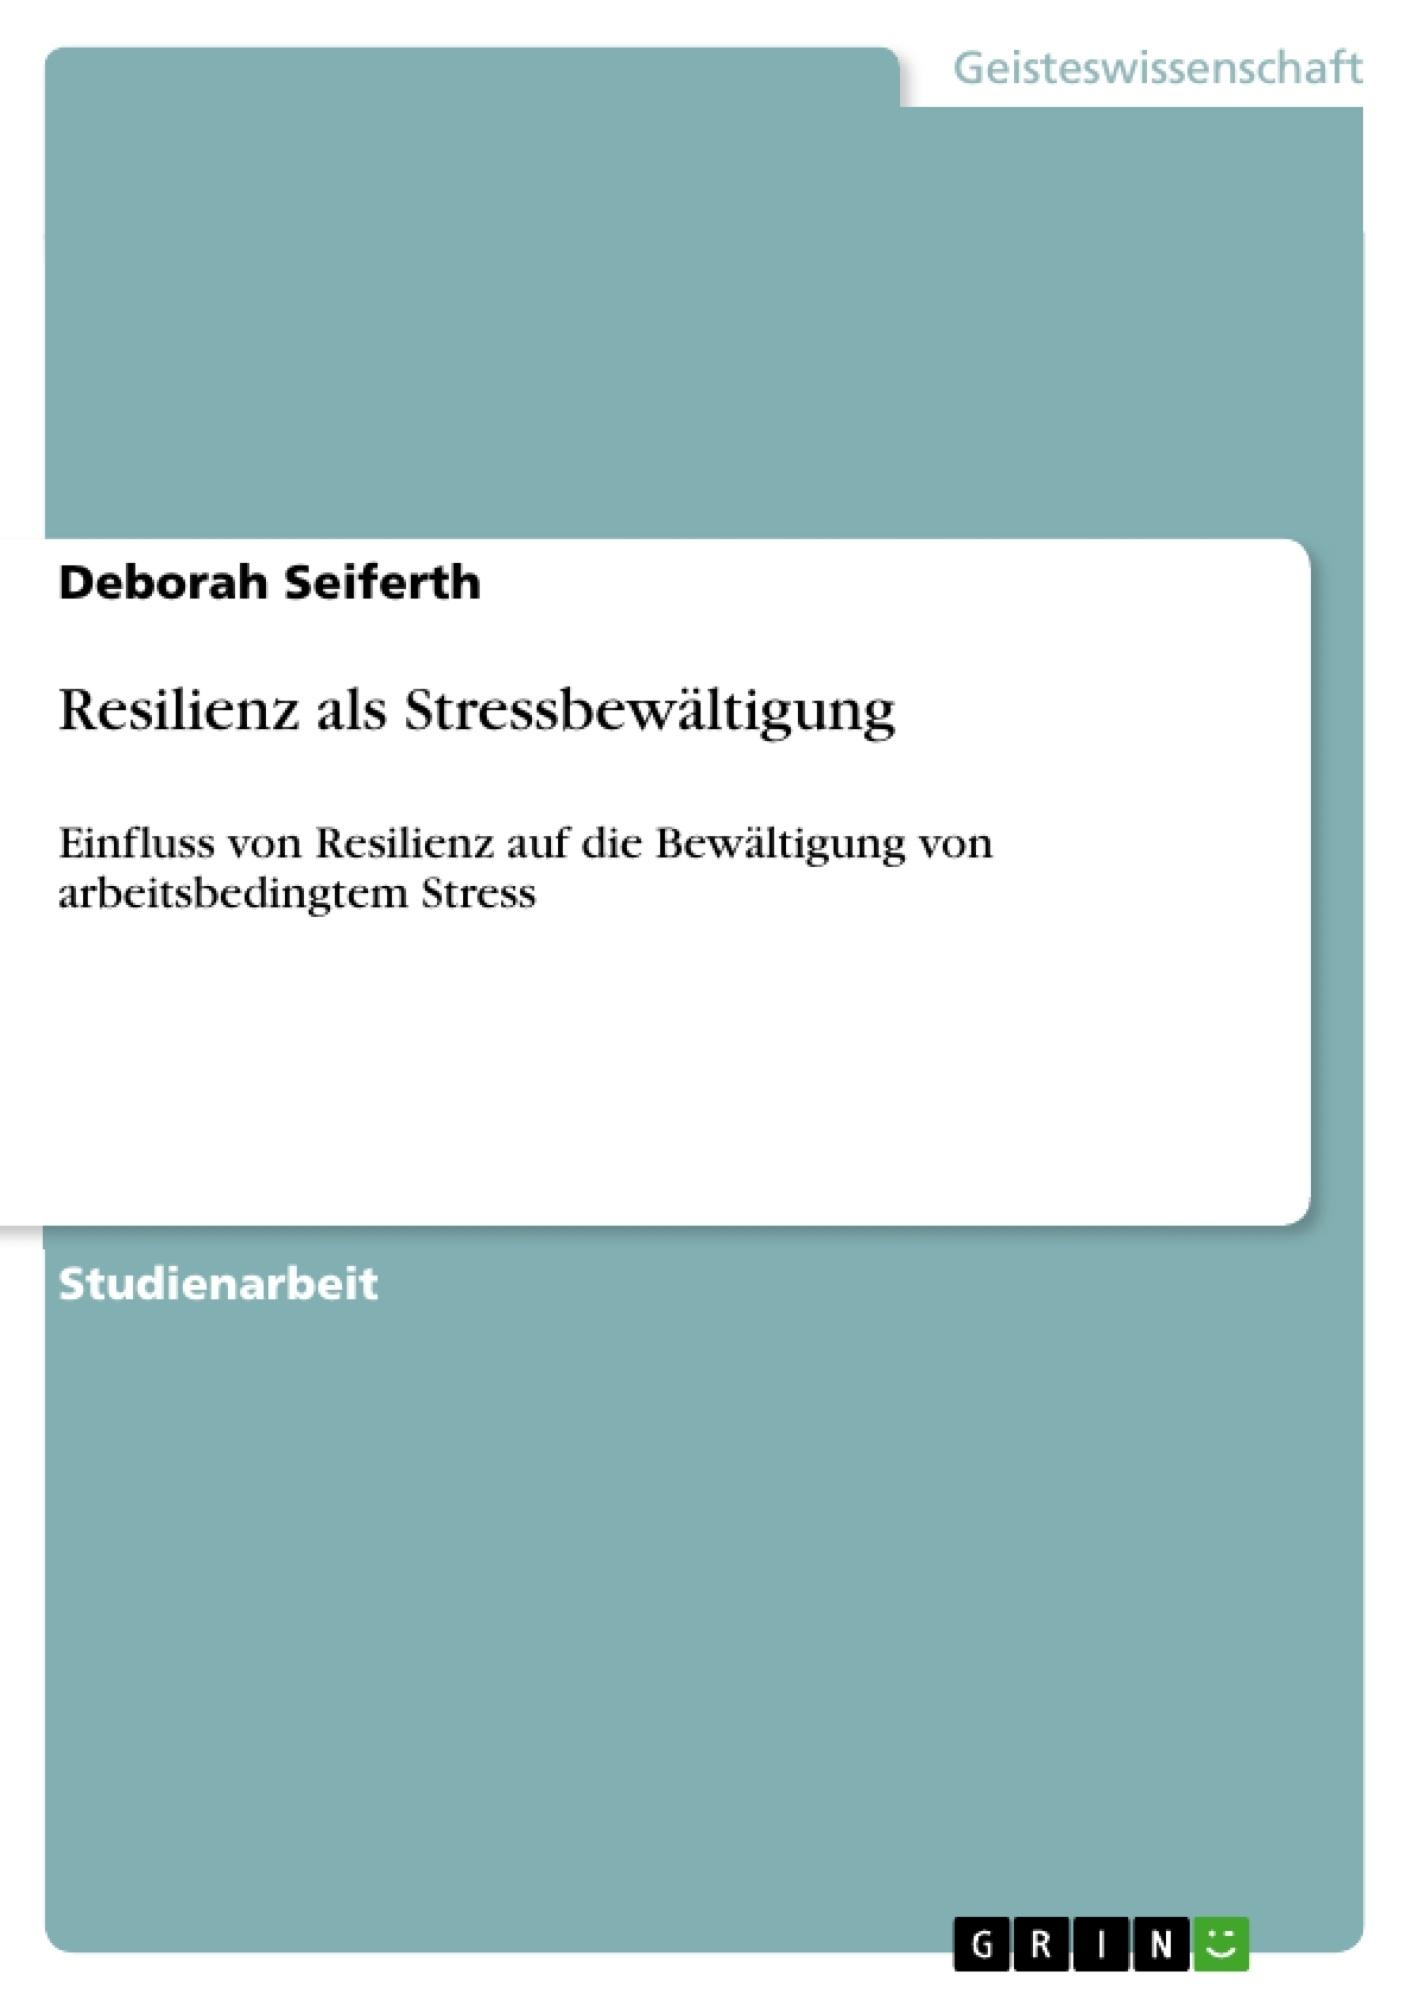 Titel: Resilienz als Stressbewältigung